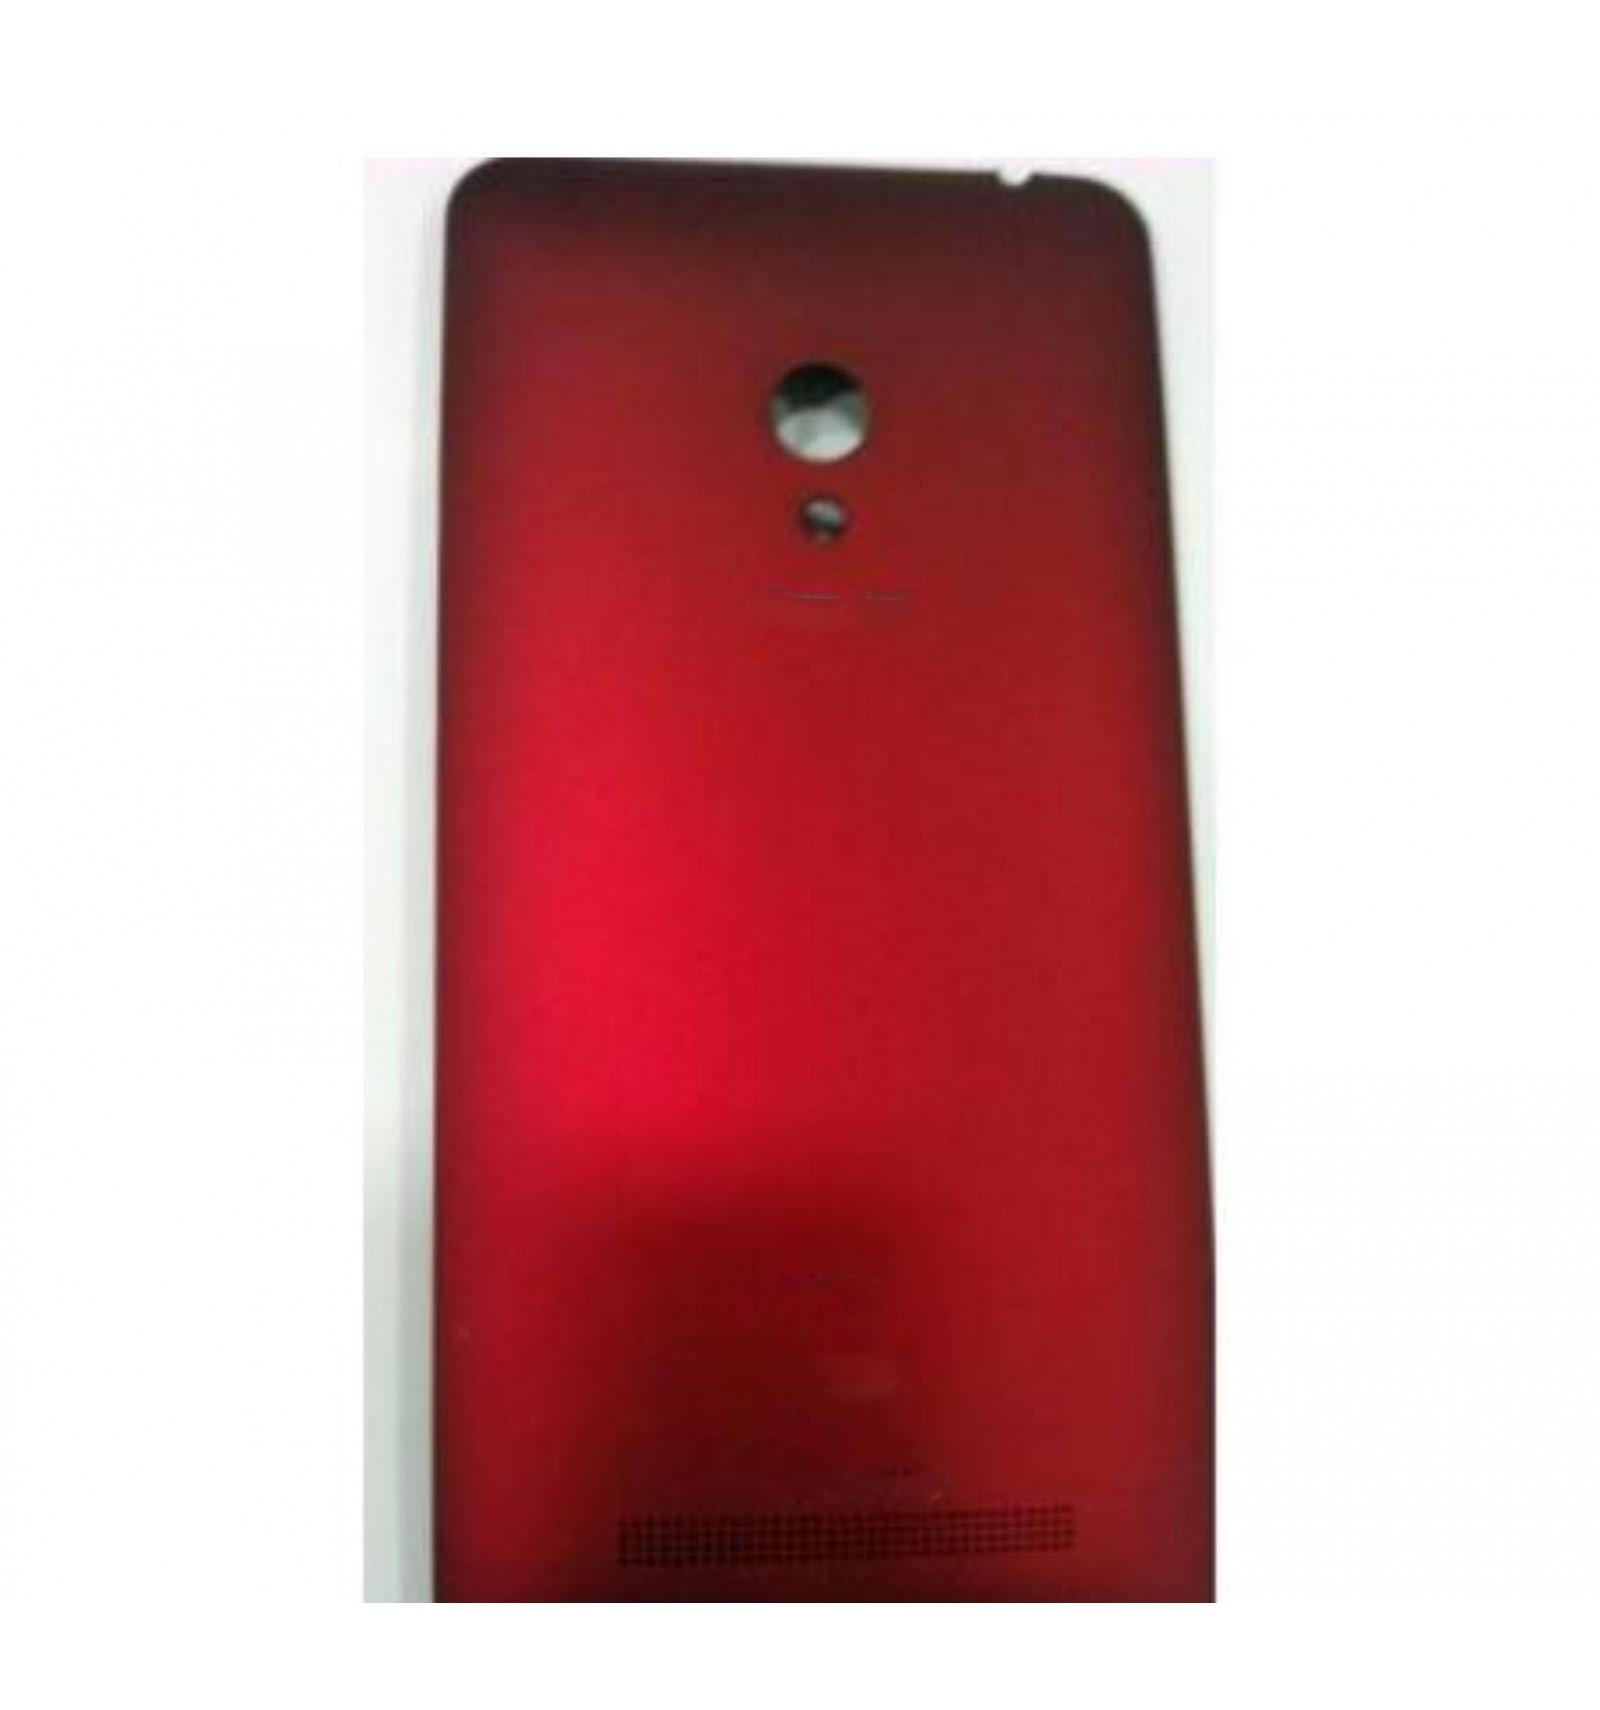 Asus ZenFone 5 (A502CG) full specs - PhoneArena